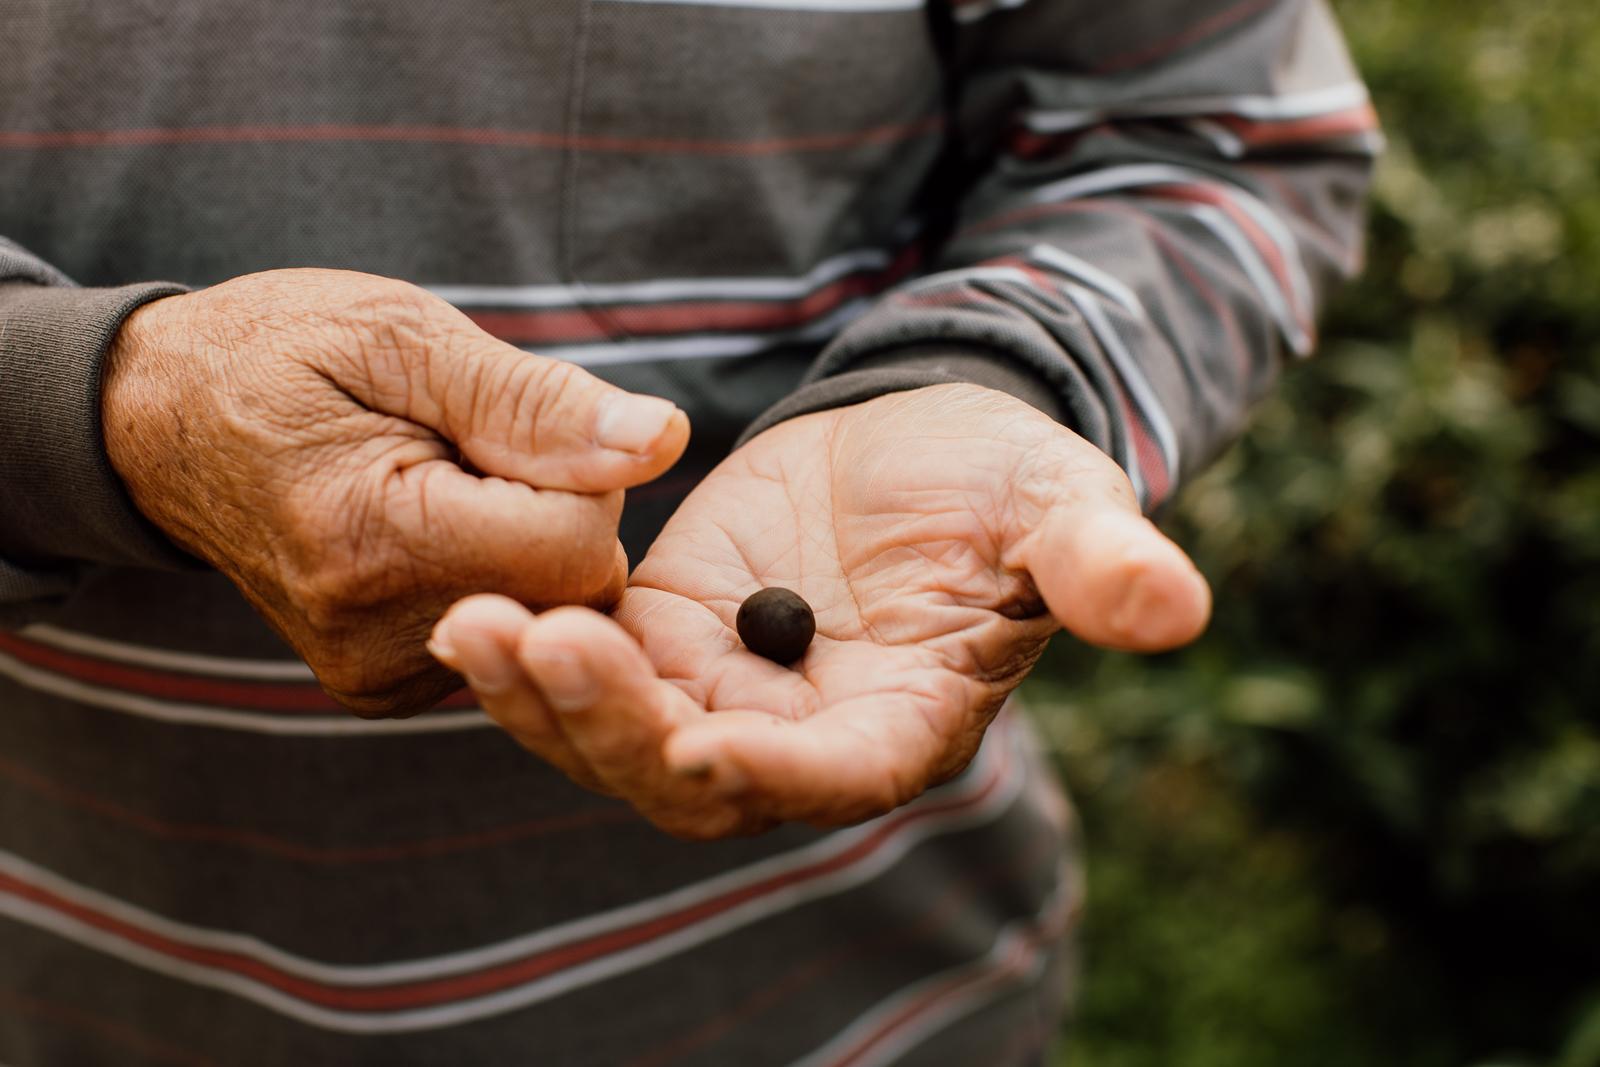 A Tea Seed